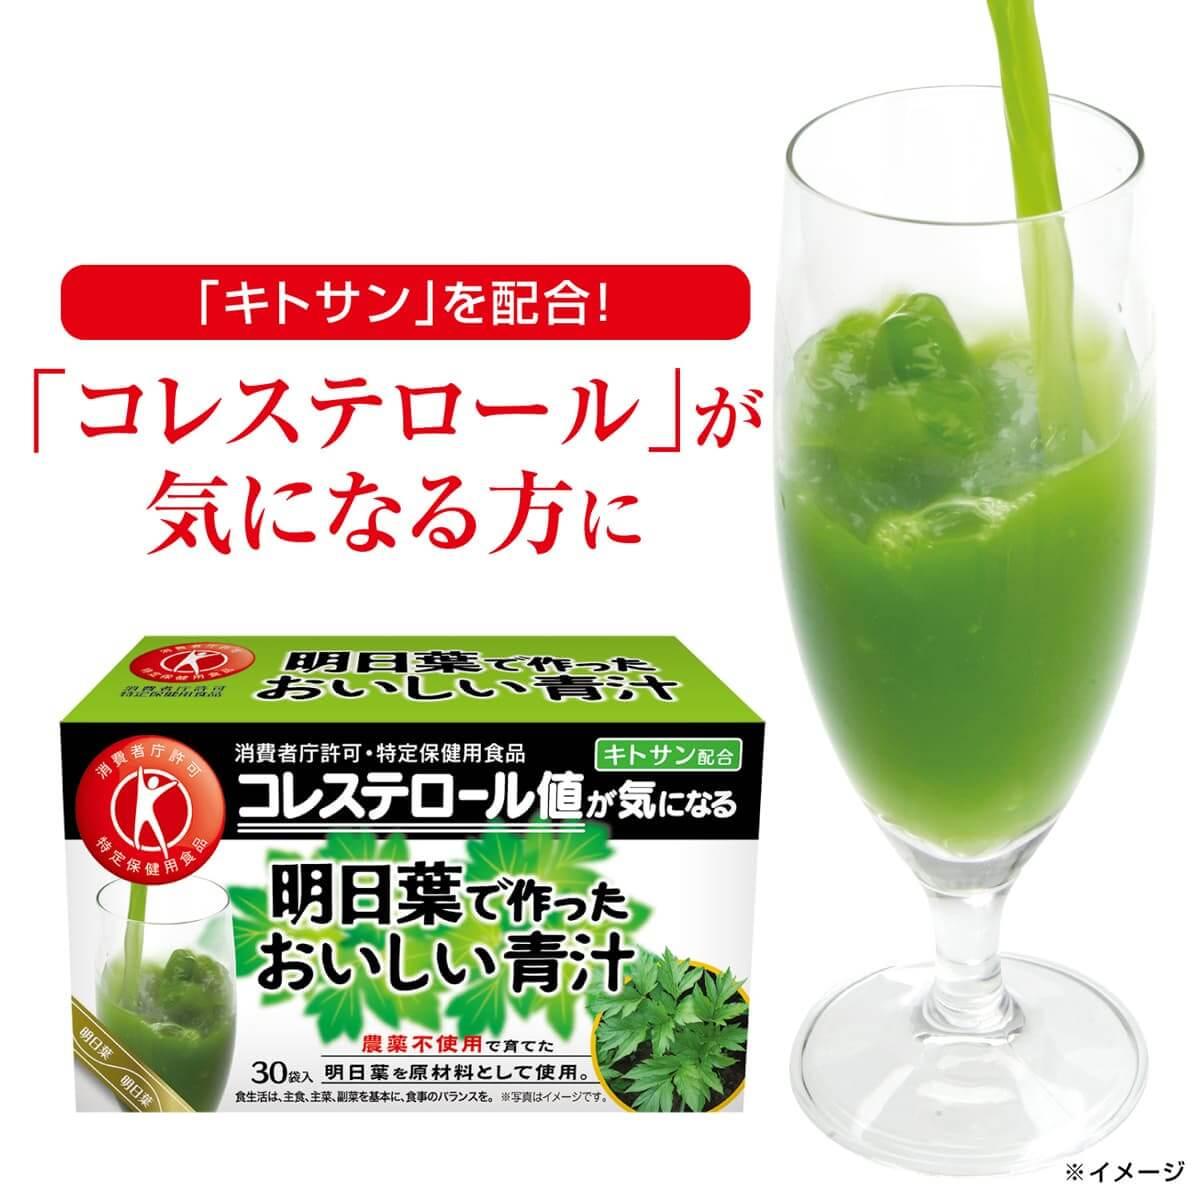 明日葉で作ったおいしい青汁【3箱セット】